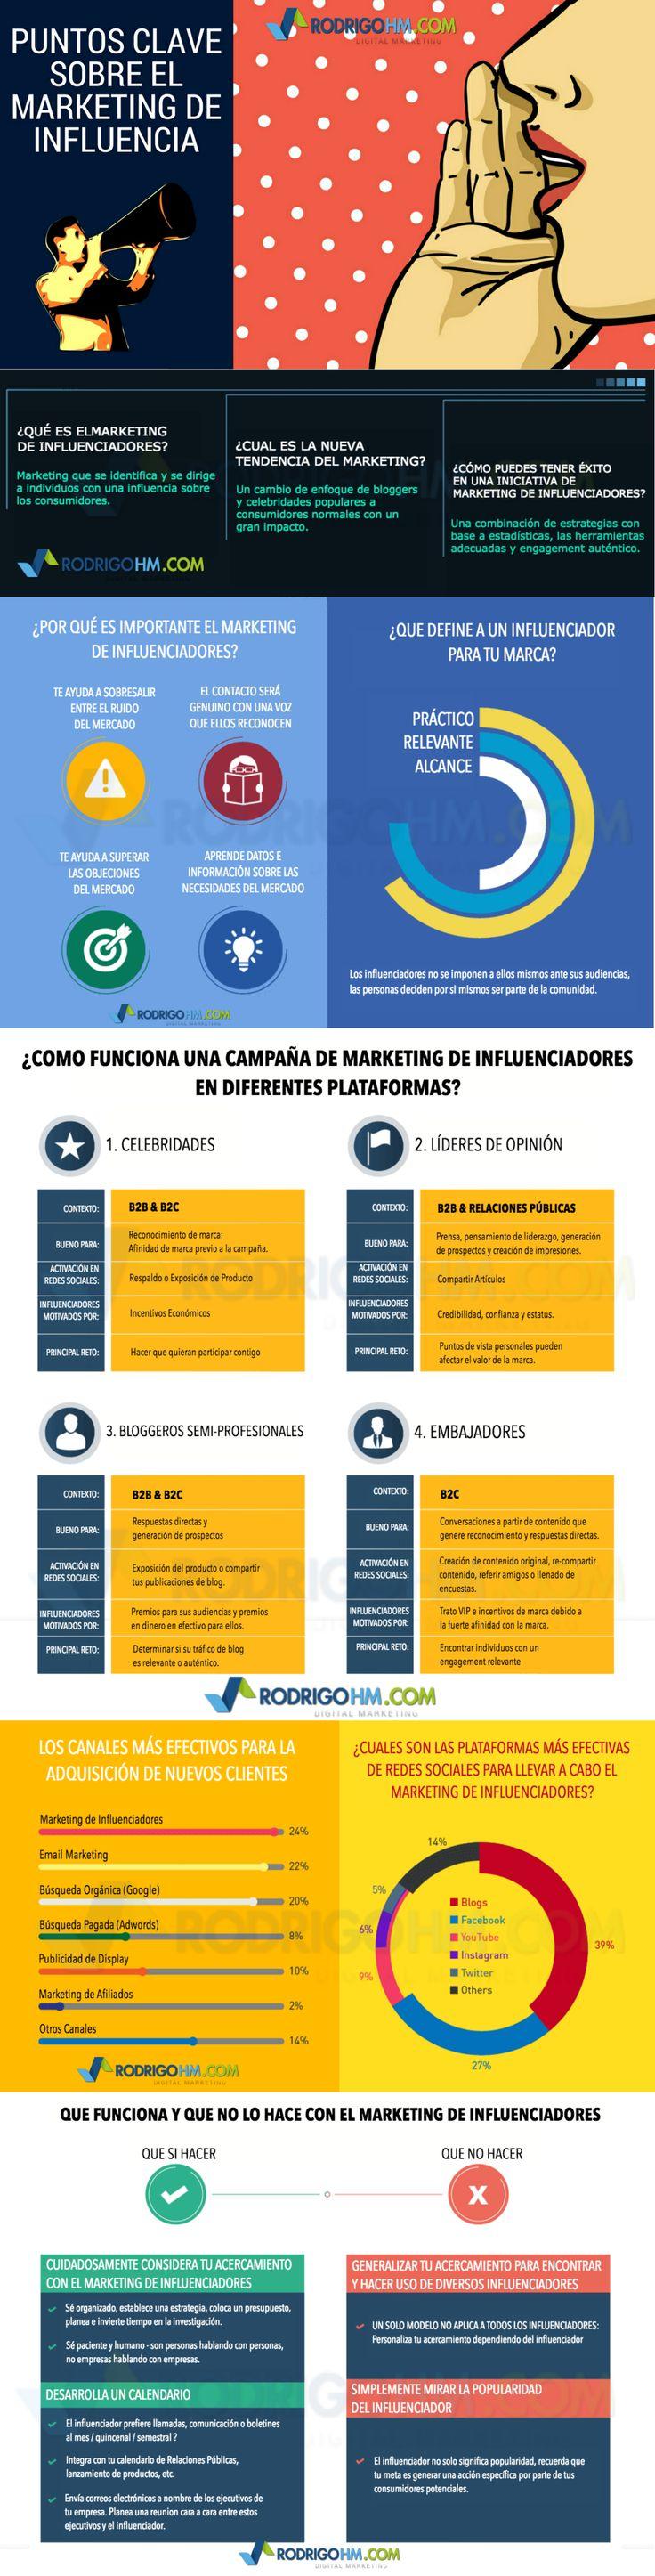 Marketing de Influencers: puntos clave #infografia